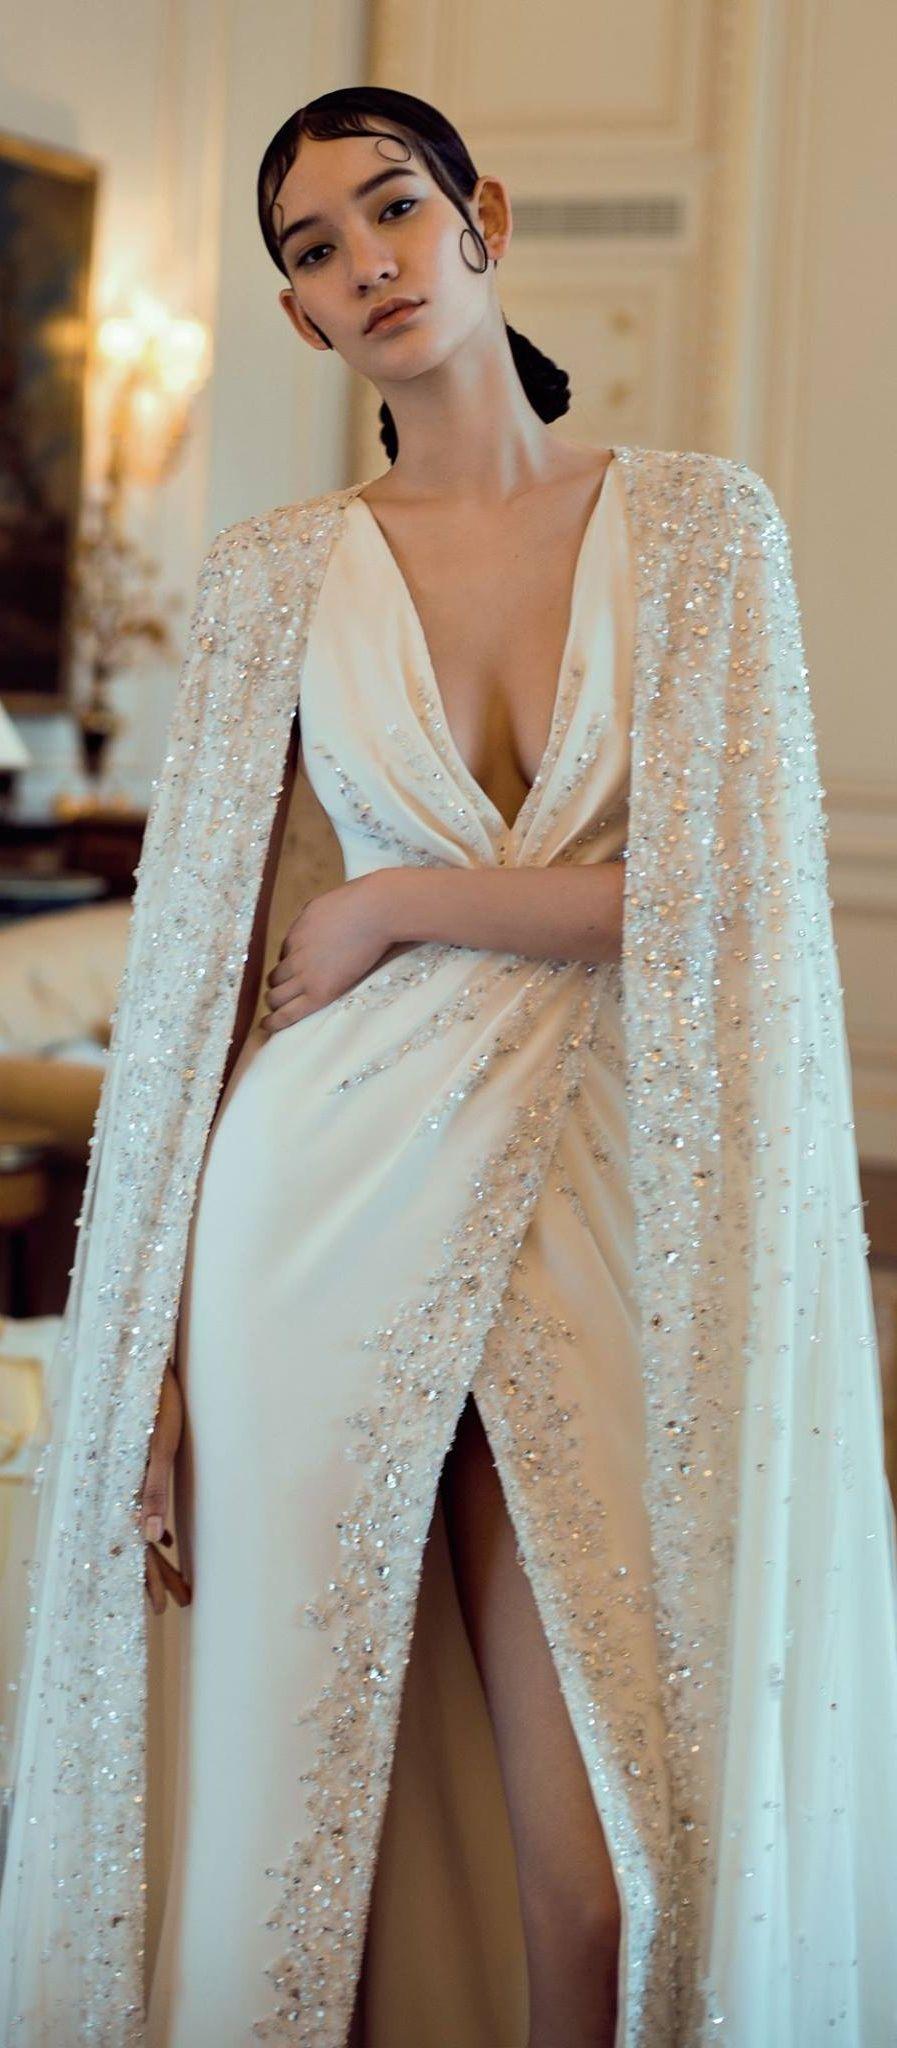 Zuhair murad springsummer haute couture collection fav